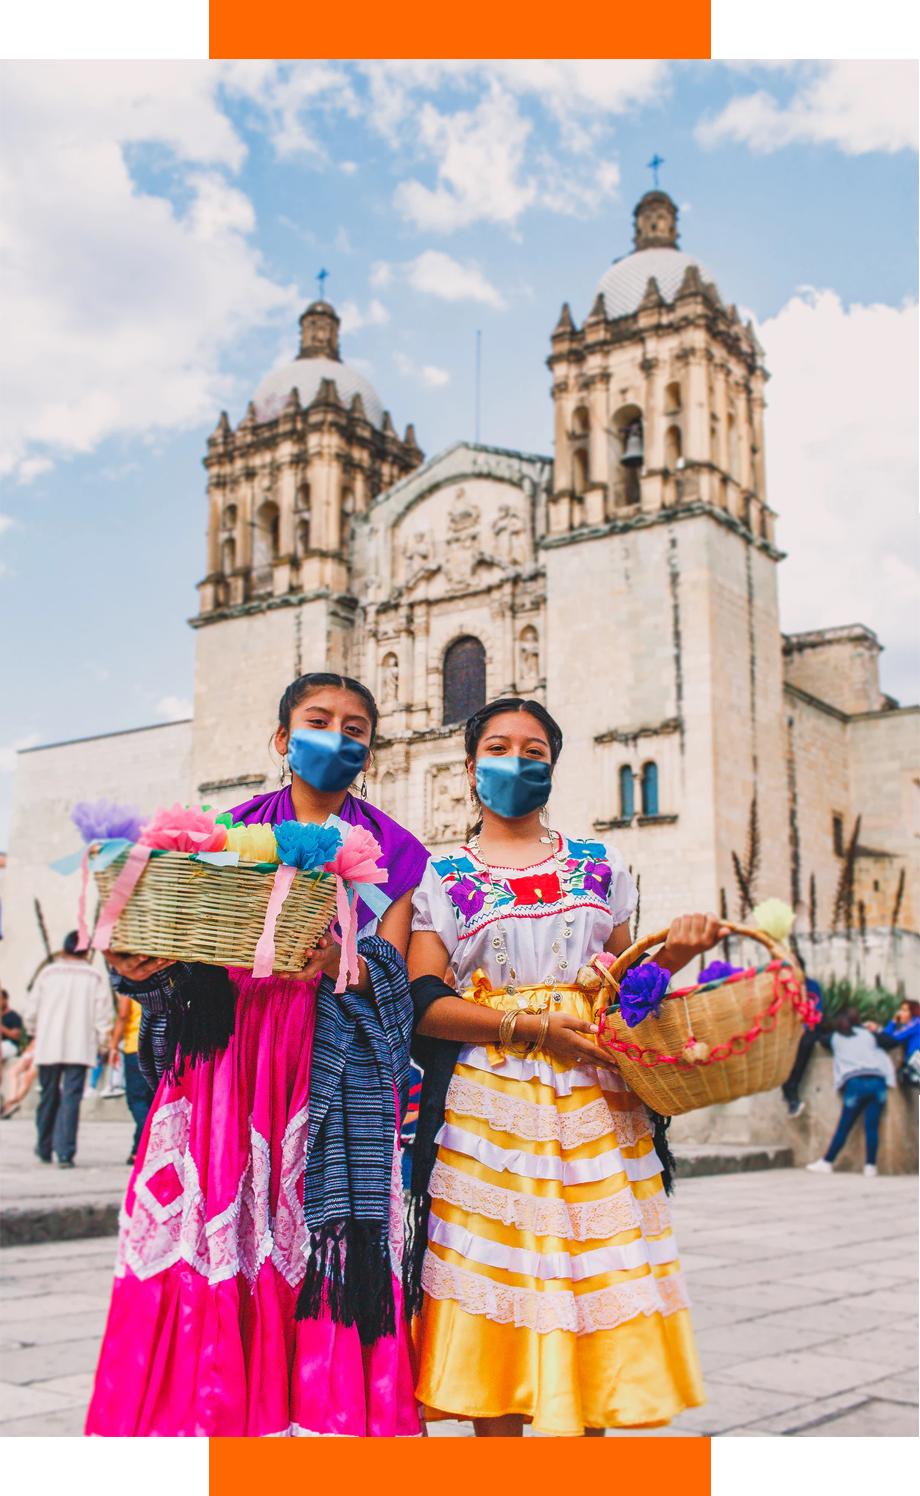 Niñas en Oaxaca ya es posible viajar seguro durante la pandemia